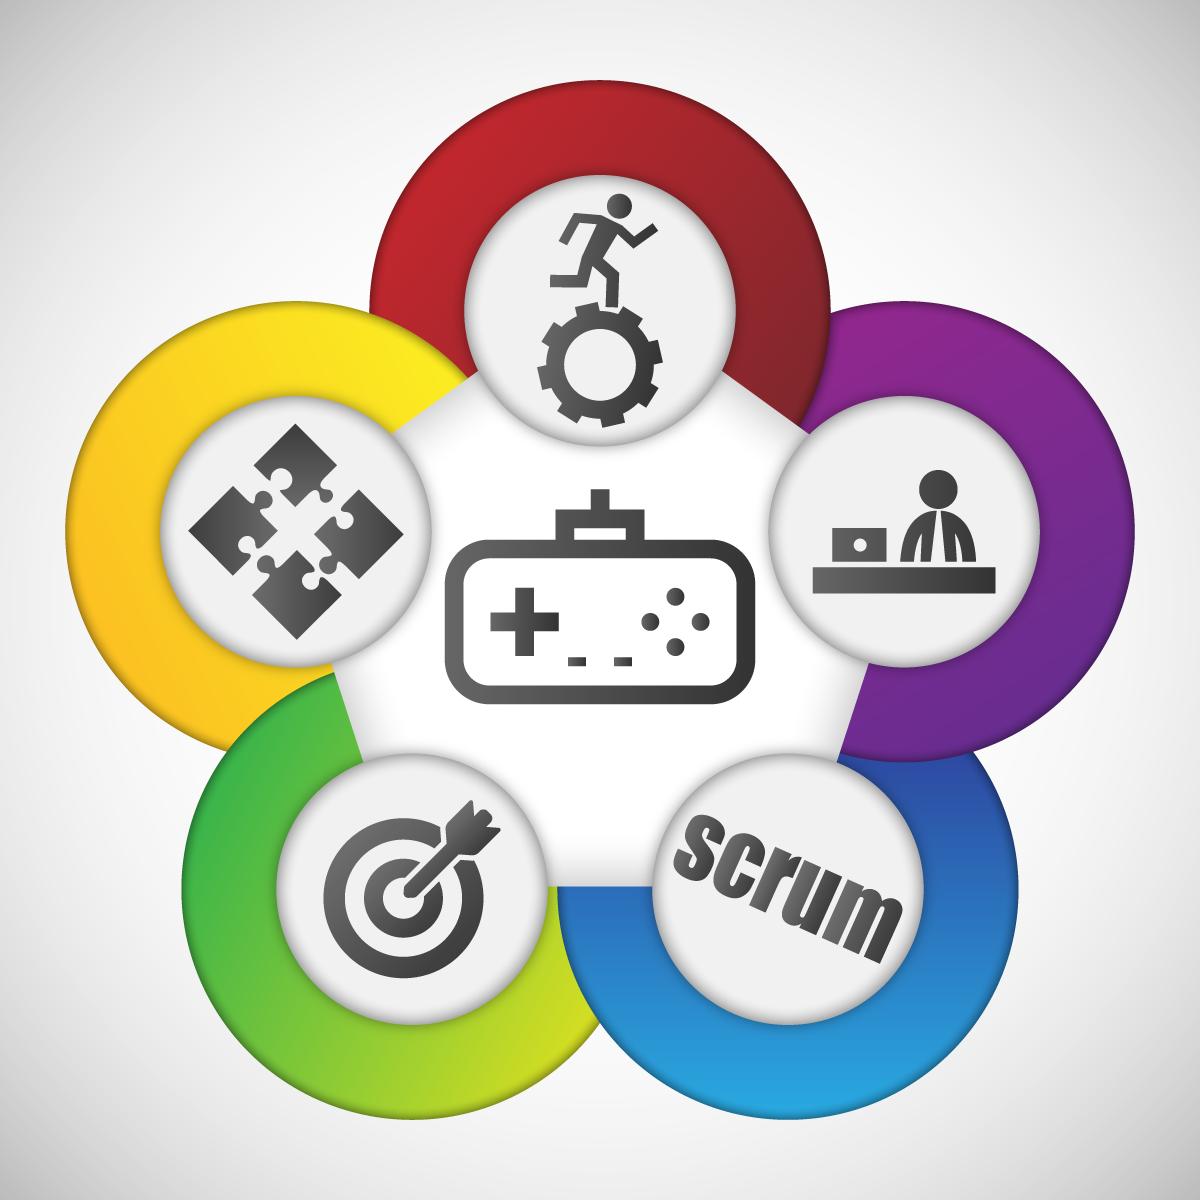 Gestionando Proyectos con Metodologías Ágiles -   SCRUM MANAGER